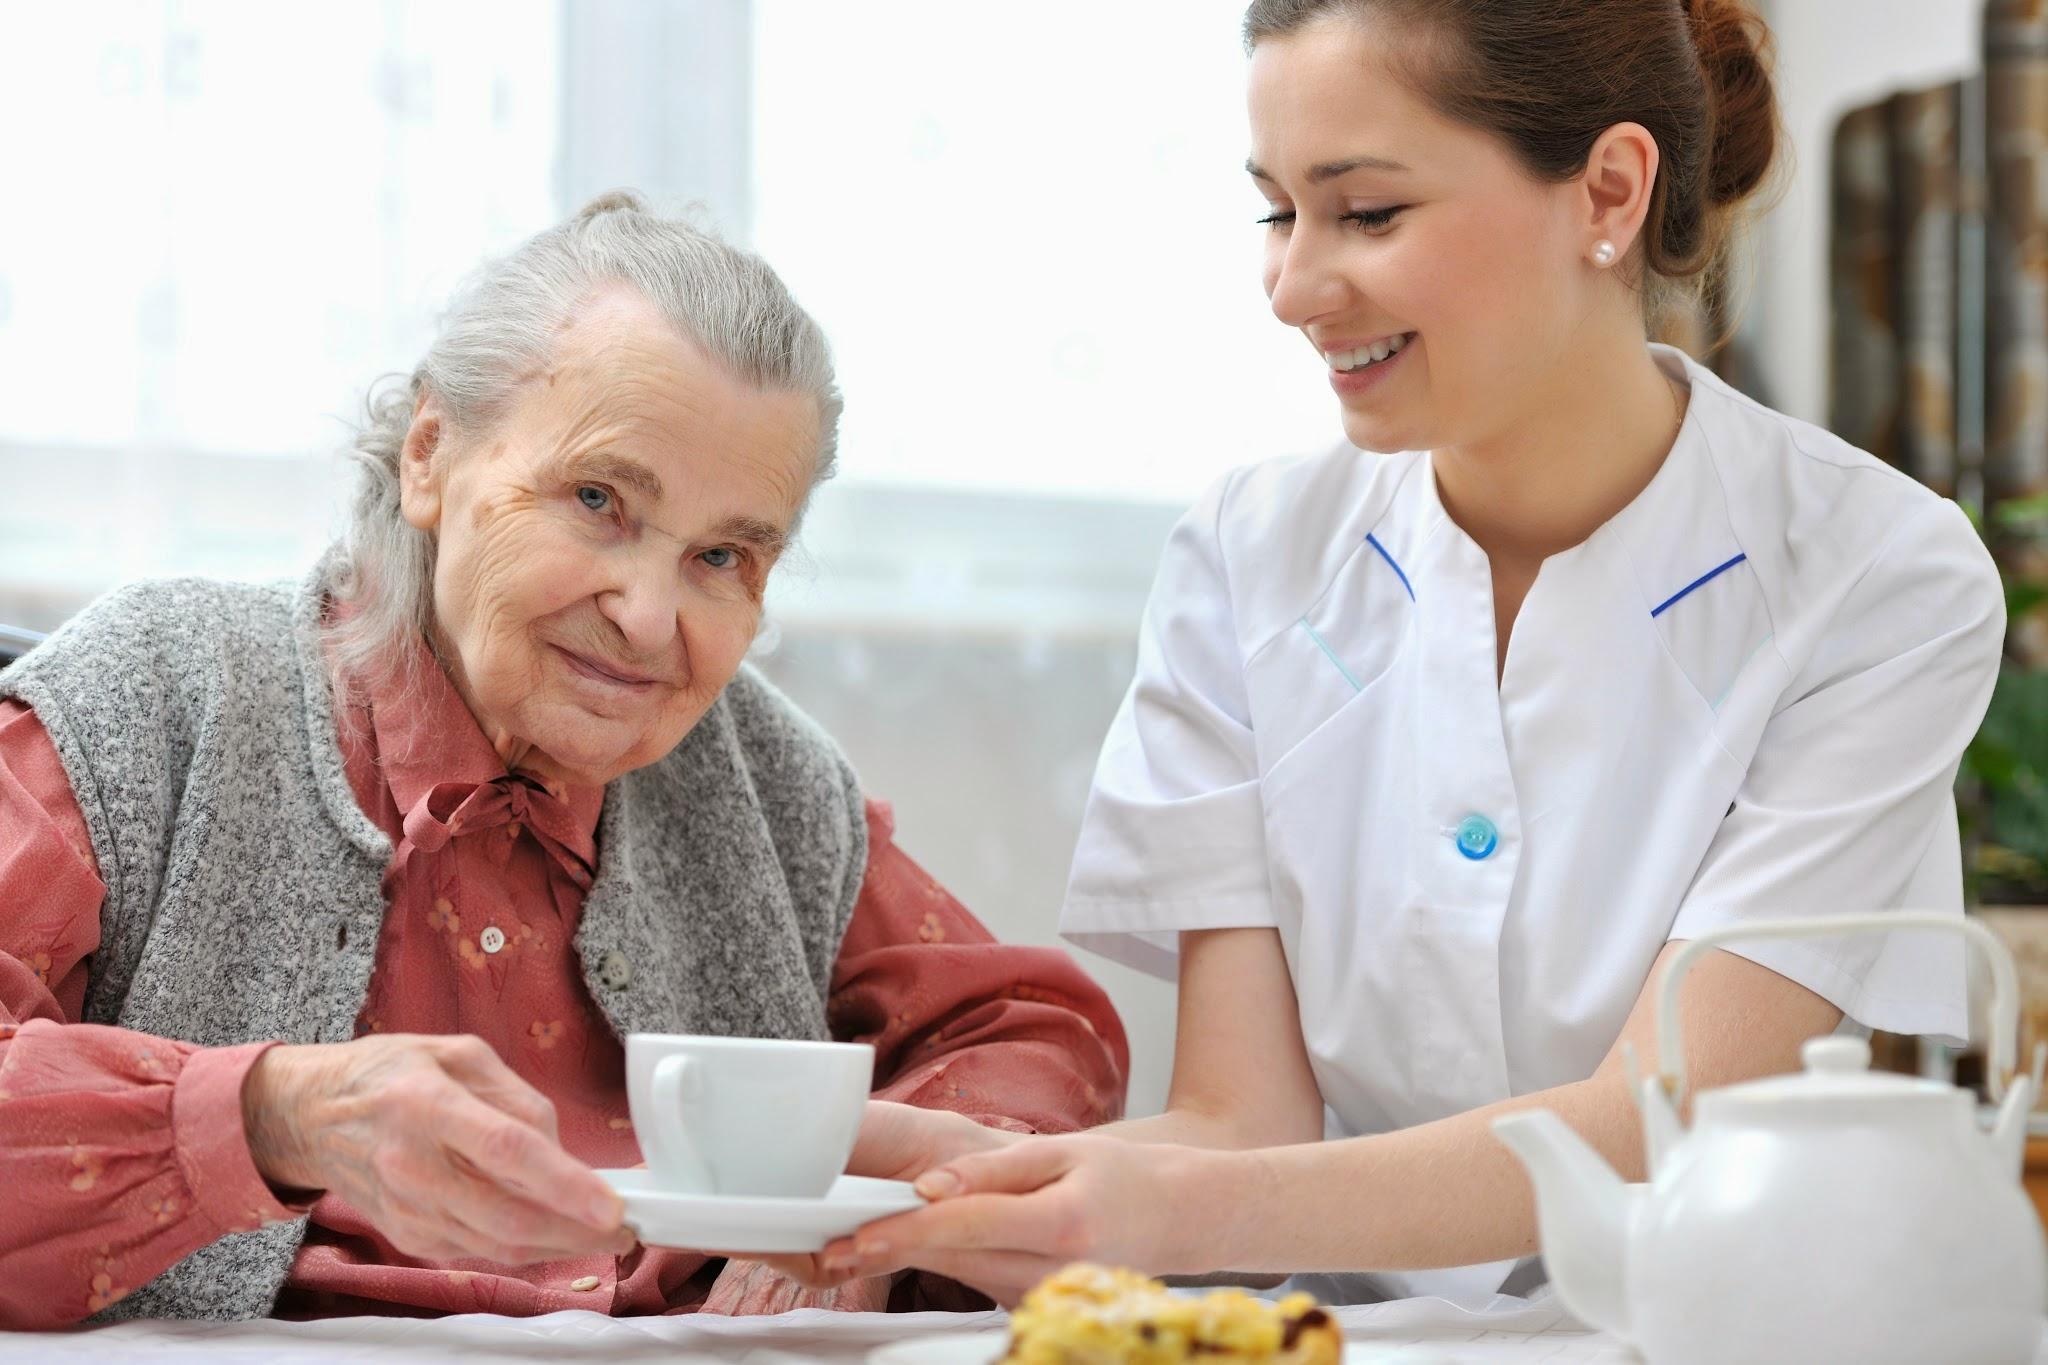 Малоимущее люди подверженны большему риску получить слабоумие в старости говорят ученыеУниверситетского колледжа Лондона